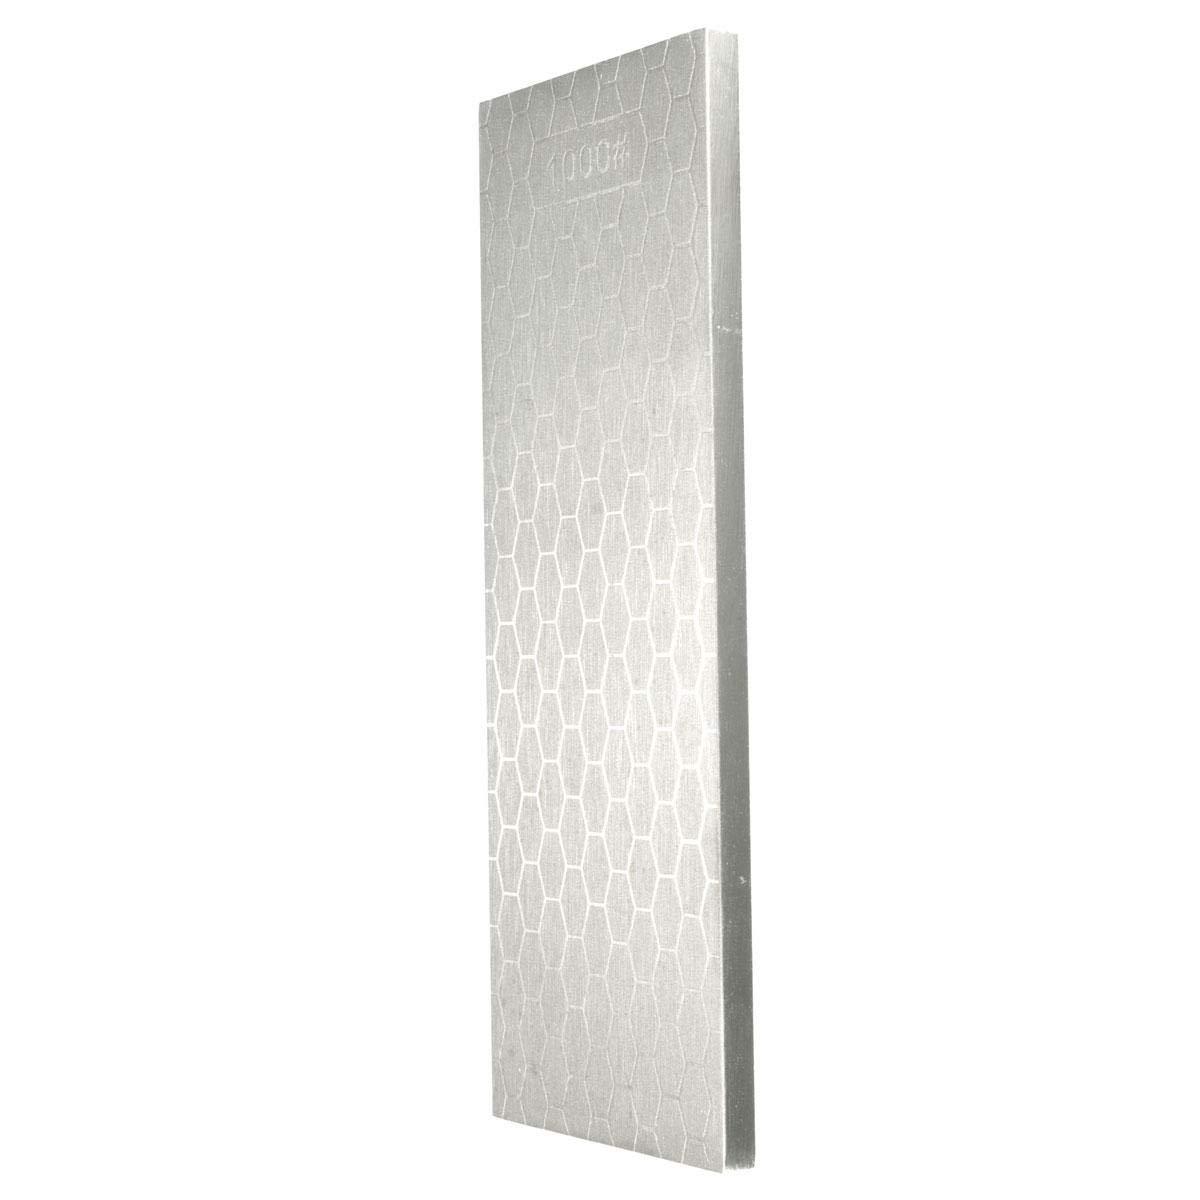 Nrthtri Sanding Paper 8 Inch 400/&1000 Grit Double Sided Diamond Grit Sharpen Stone Sharpening Whetstone